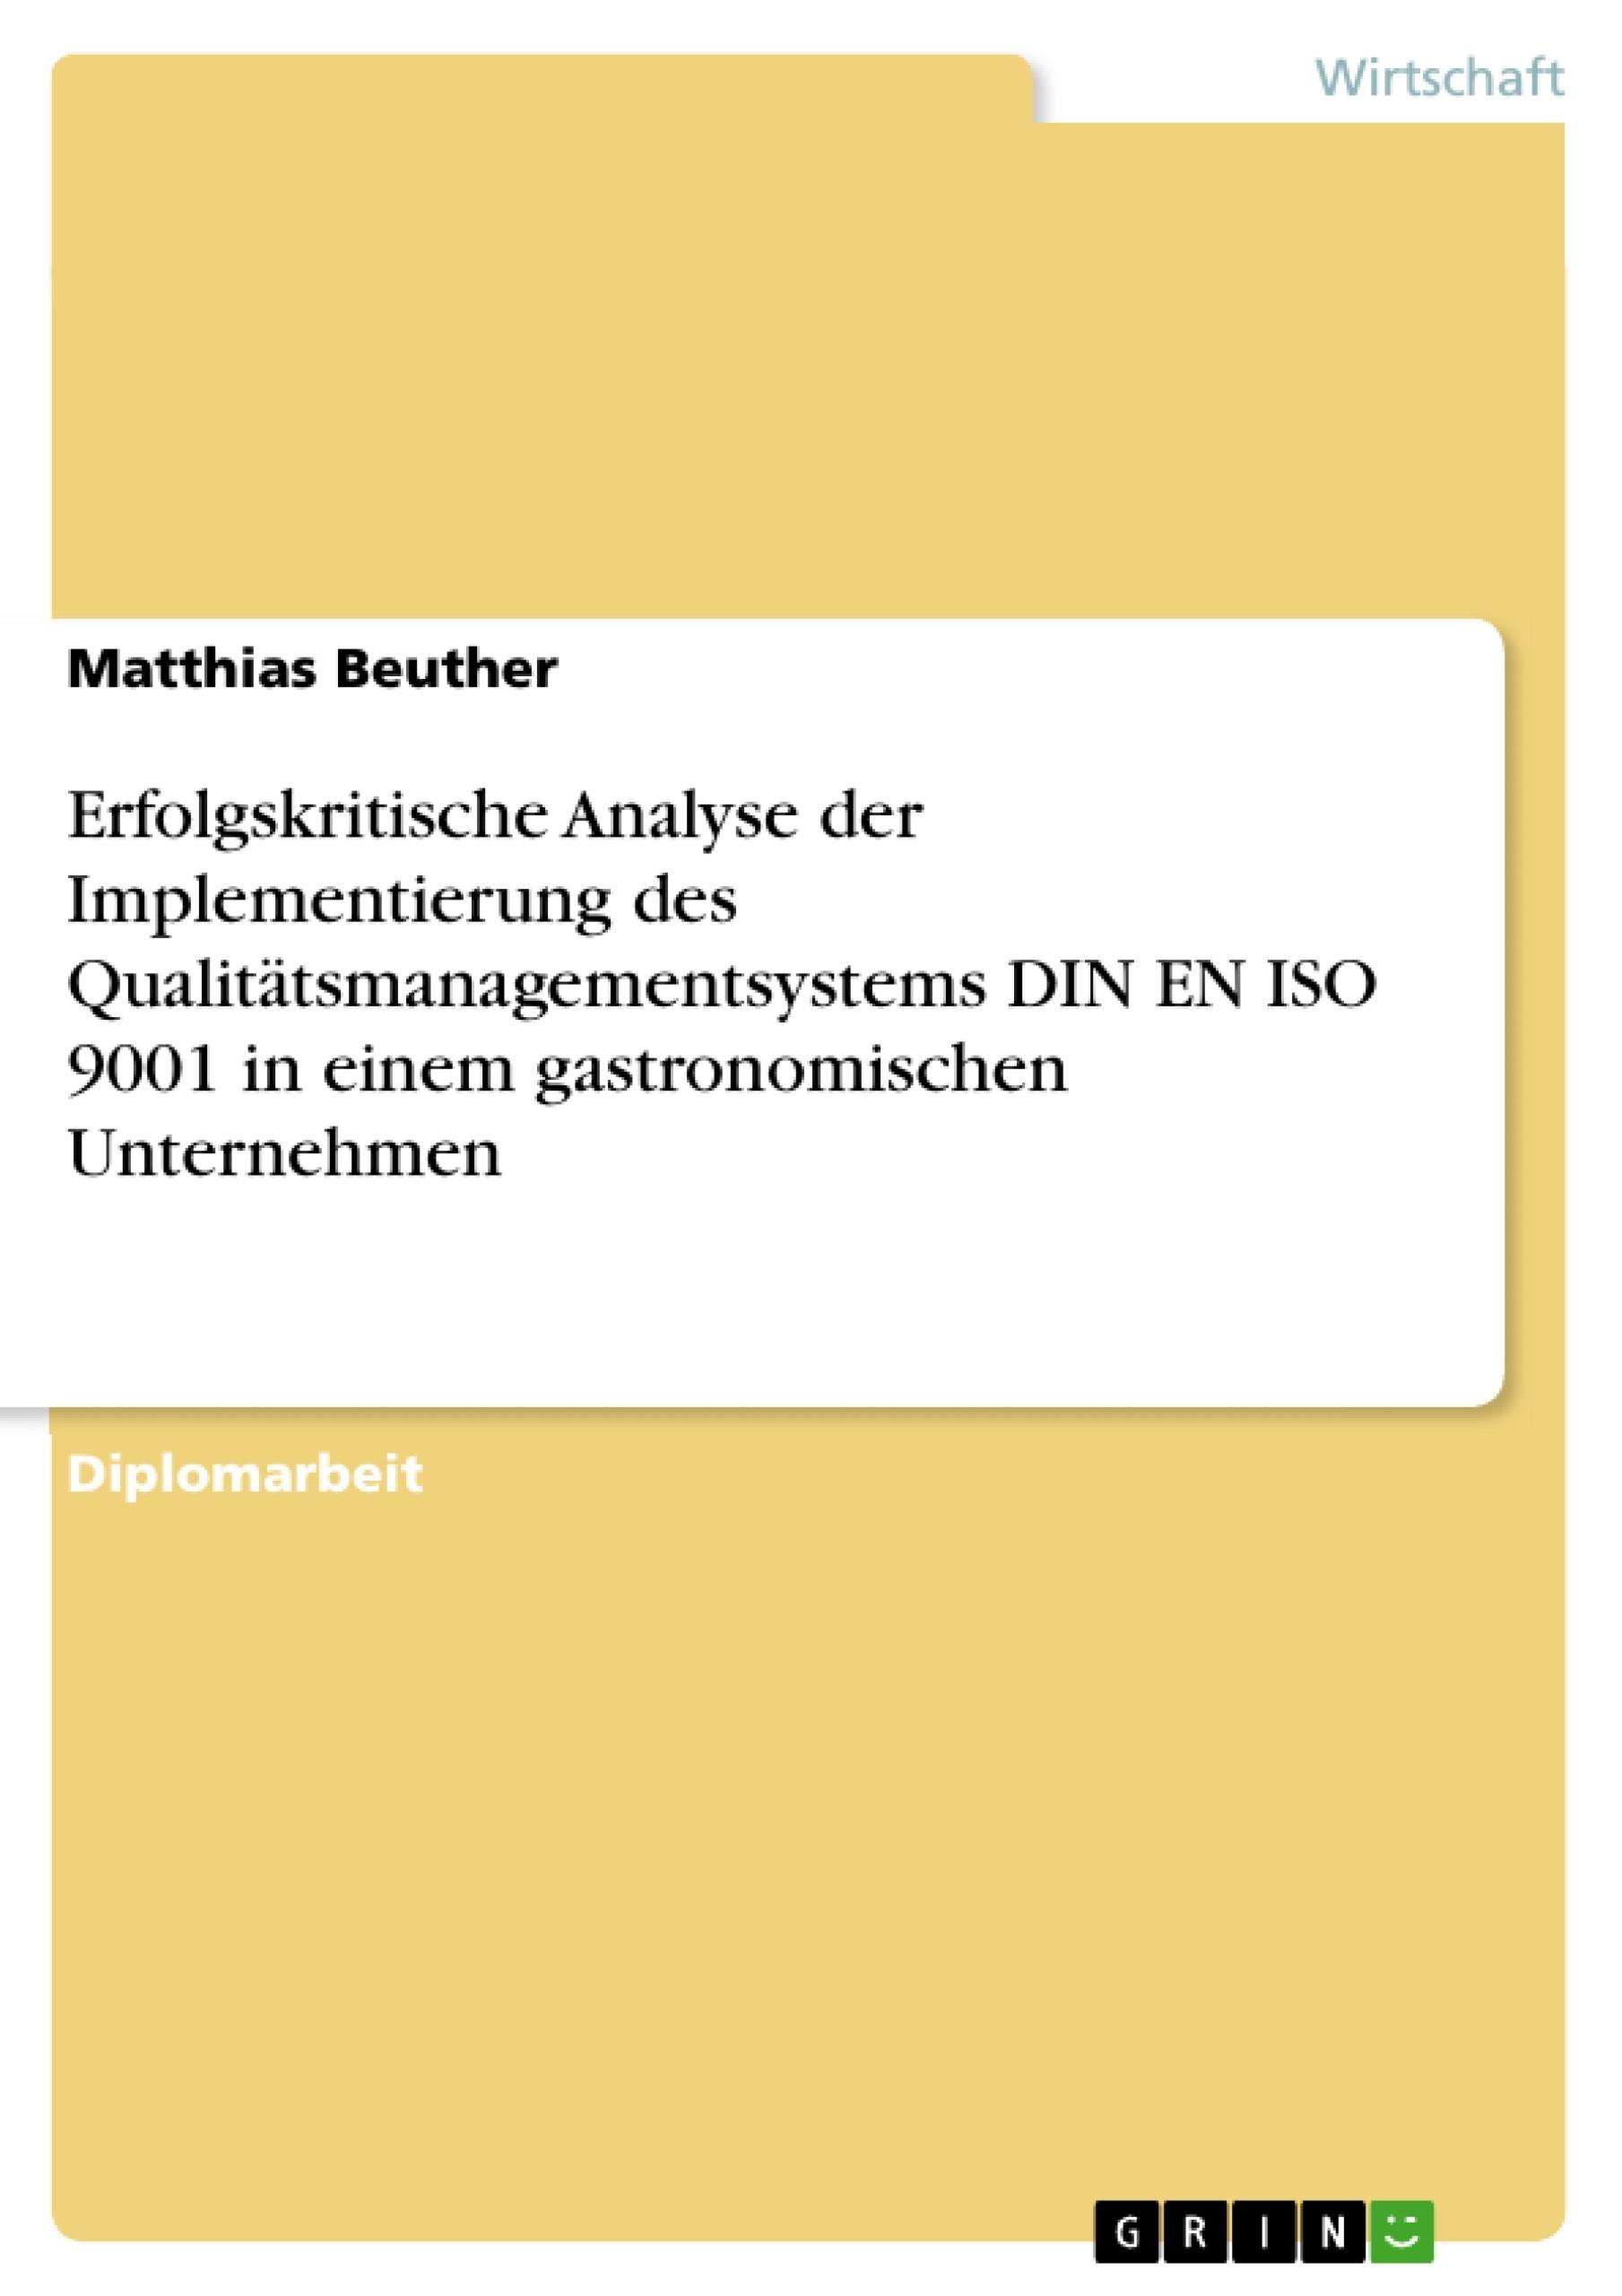 Titel: Erfolgskritische Analyse der Implementierung des Qualitätsmanagementsystems DIN EN ISO 9001 in einem gastronomischen Unternehmen